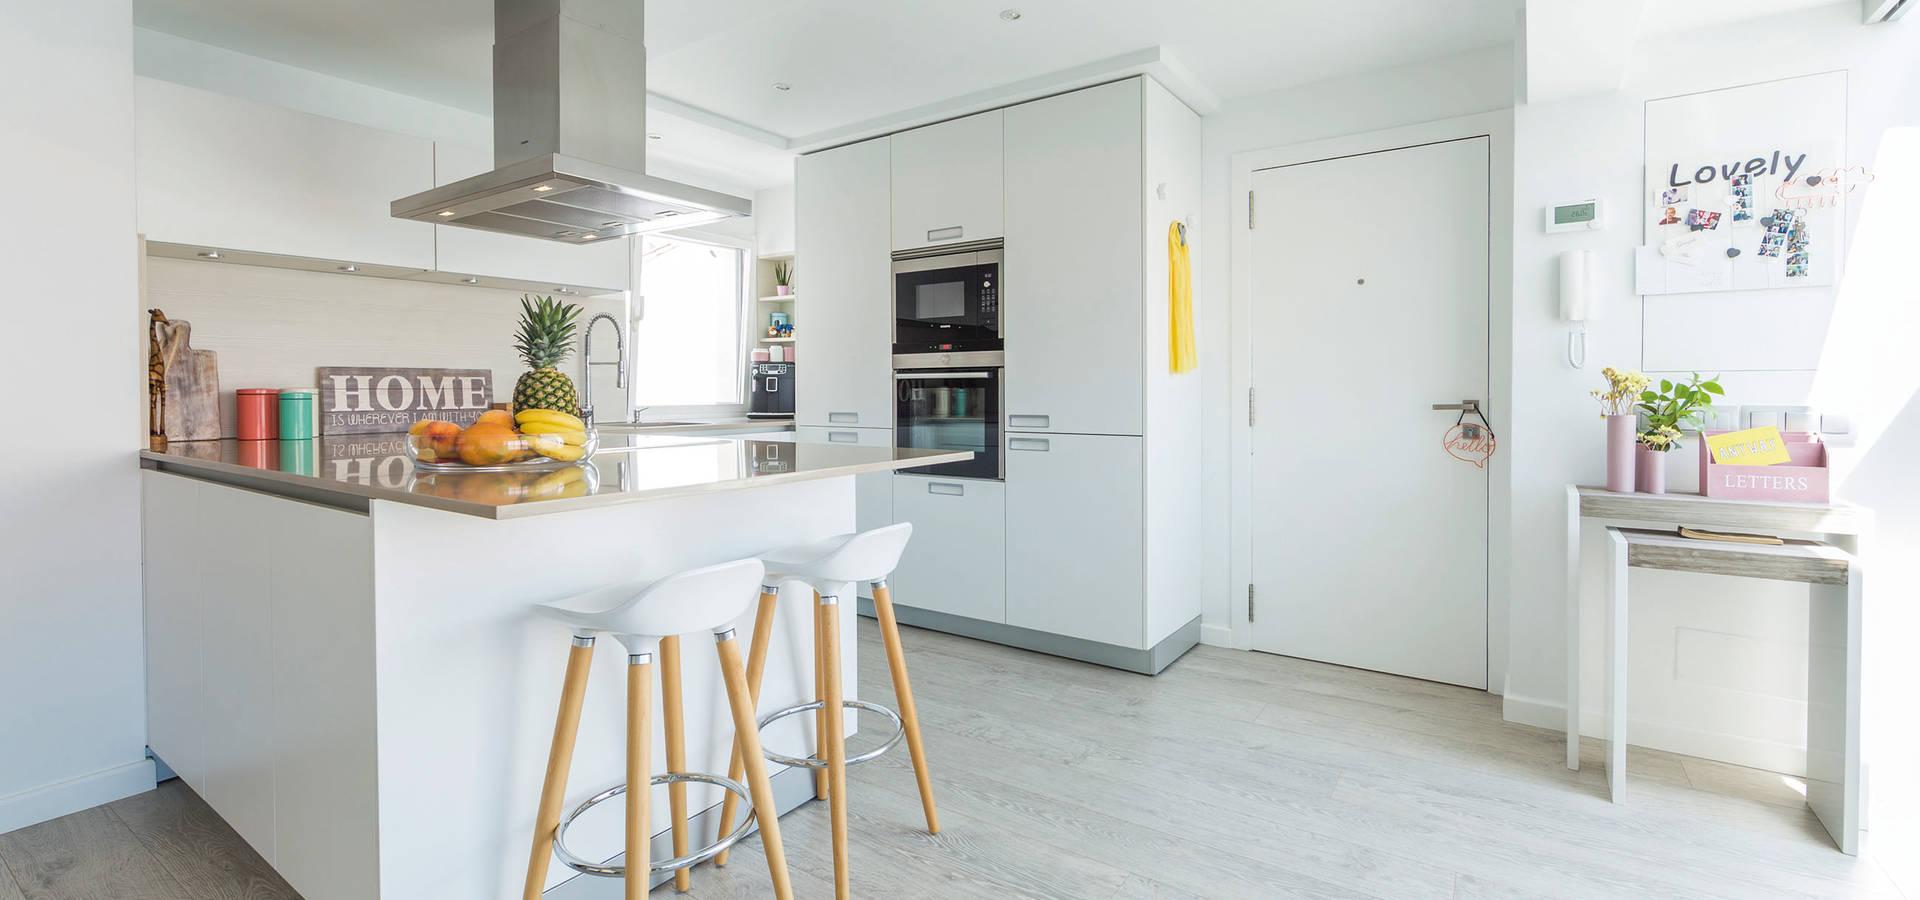 Una cocina blanca abierta al resto de la casa by santiago for Interiores de cocinas